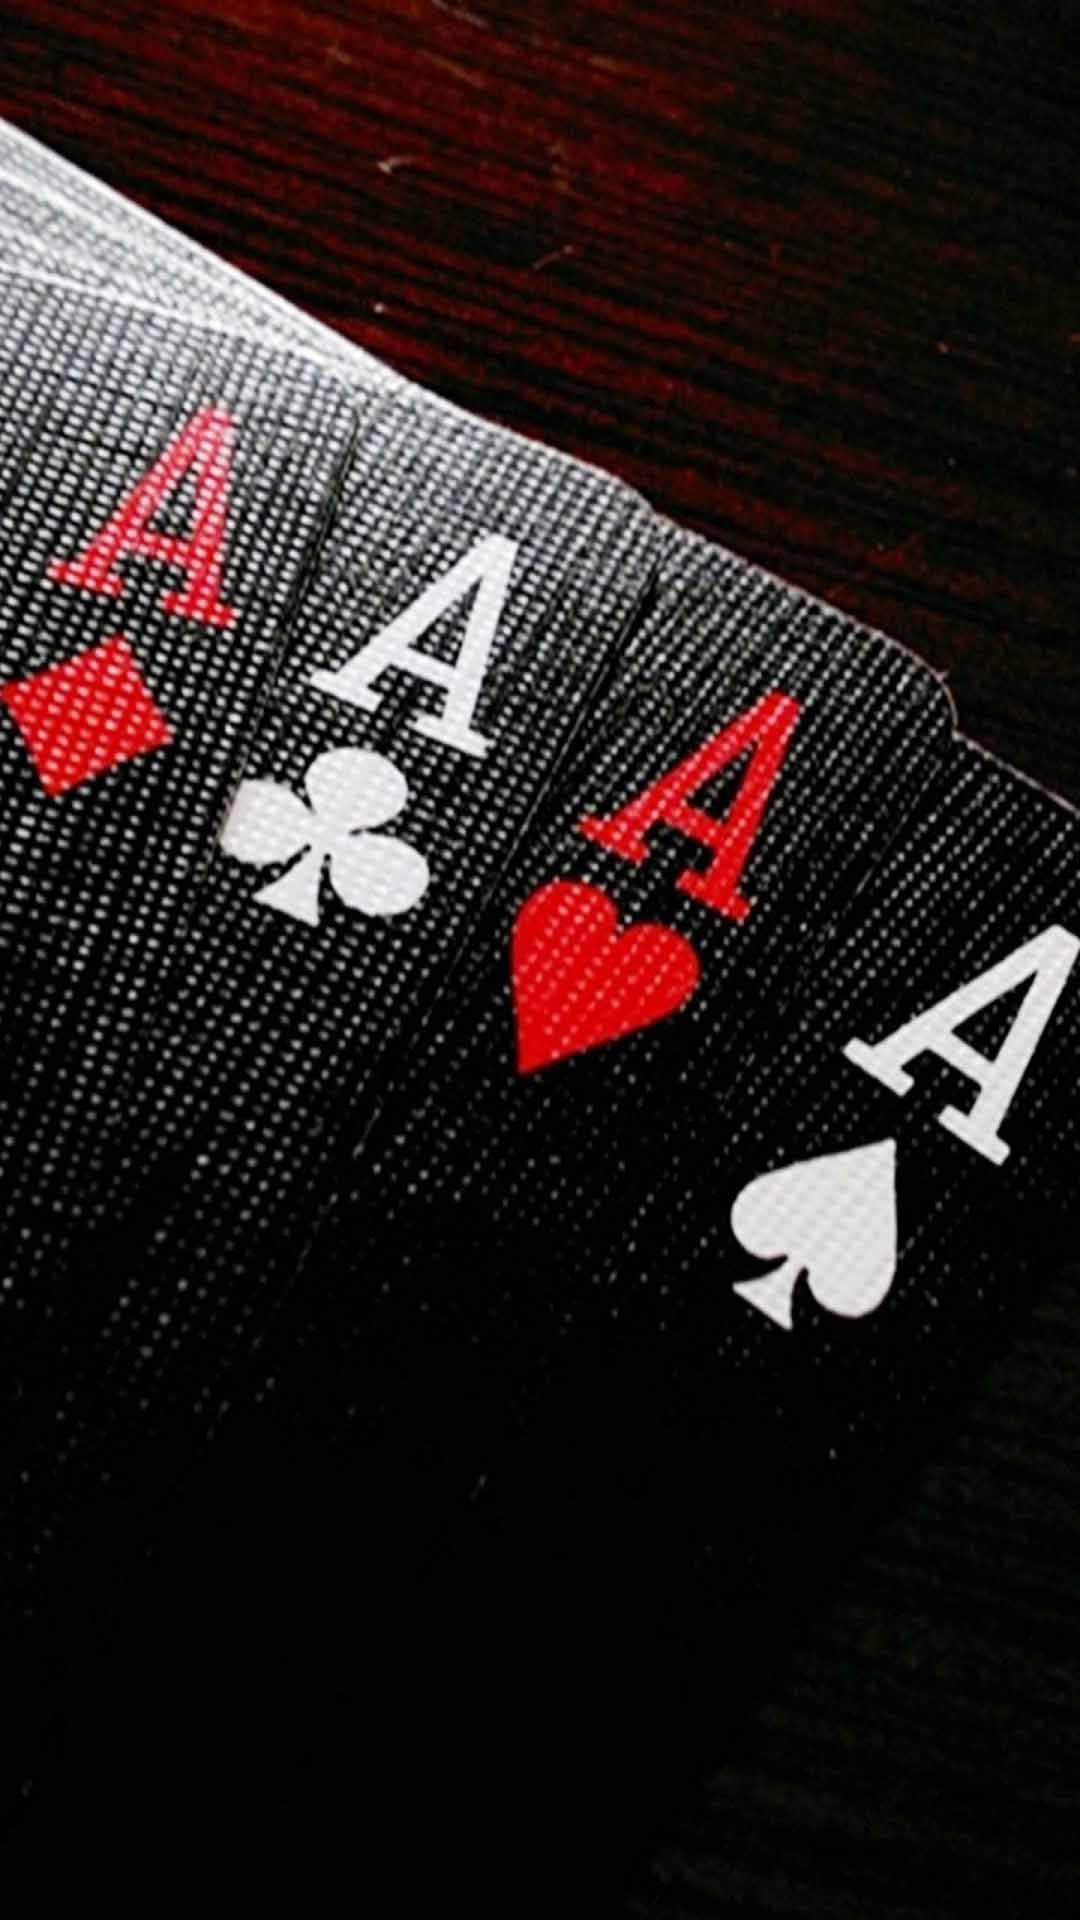 Ace Card Wallpaper : wallpaper, 1080x1920, Download, Wallpaper, WallpaperTip